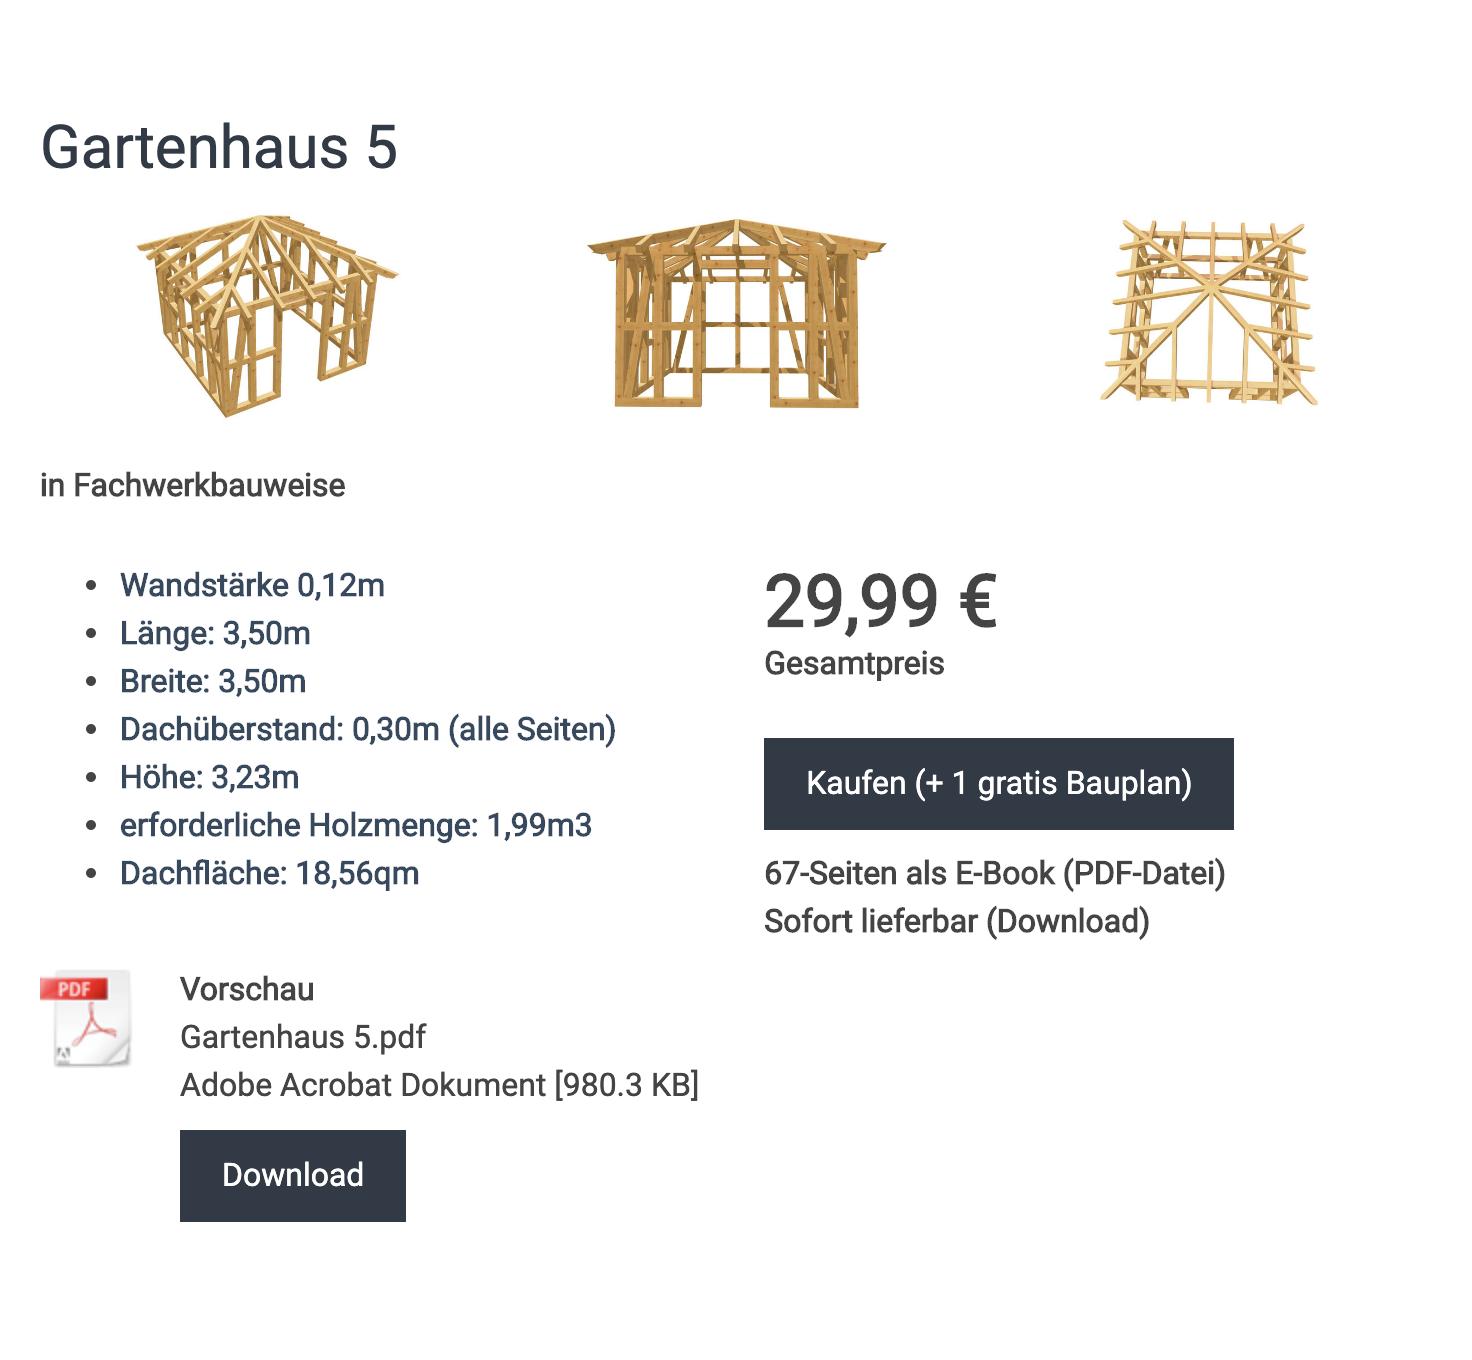 Bauplan_de_Gartenhaus_5